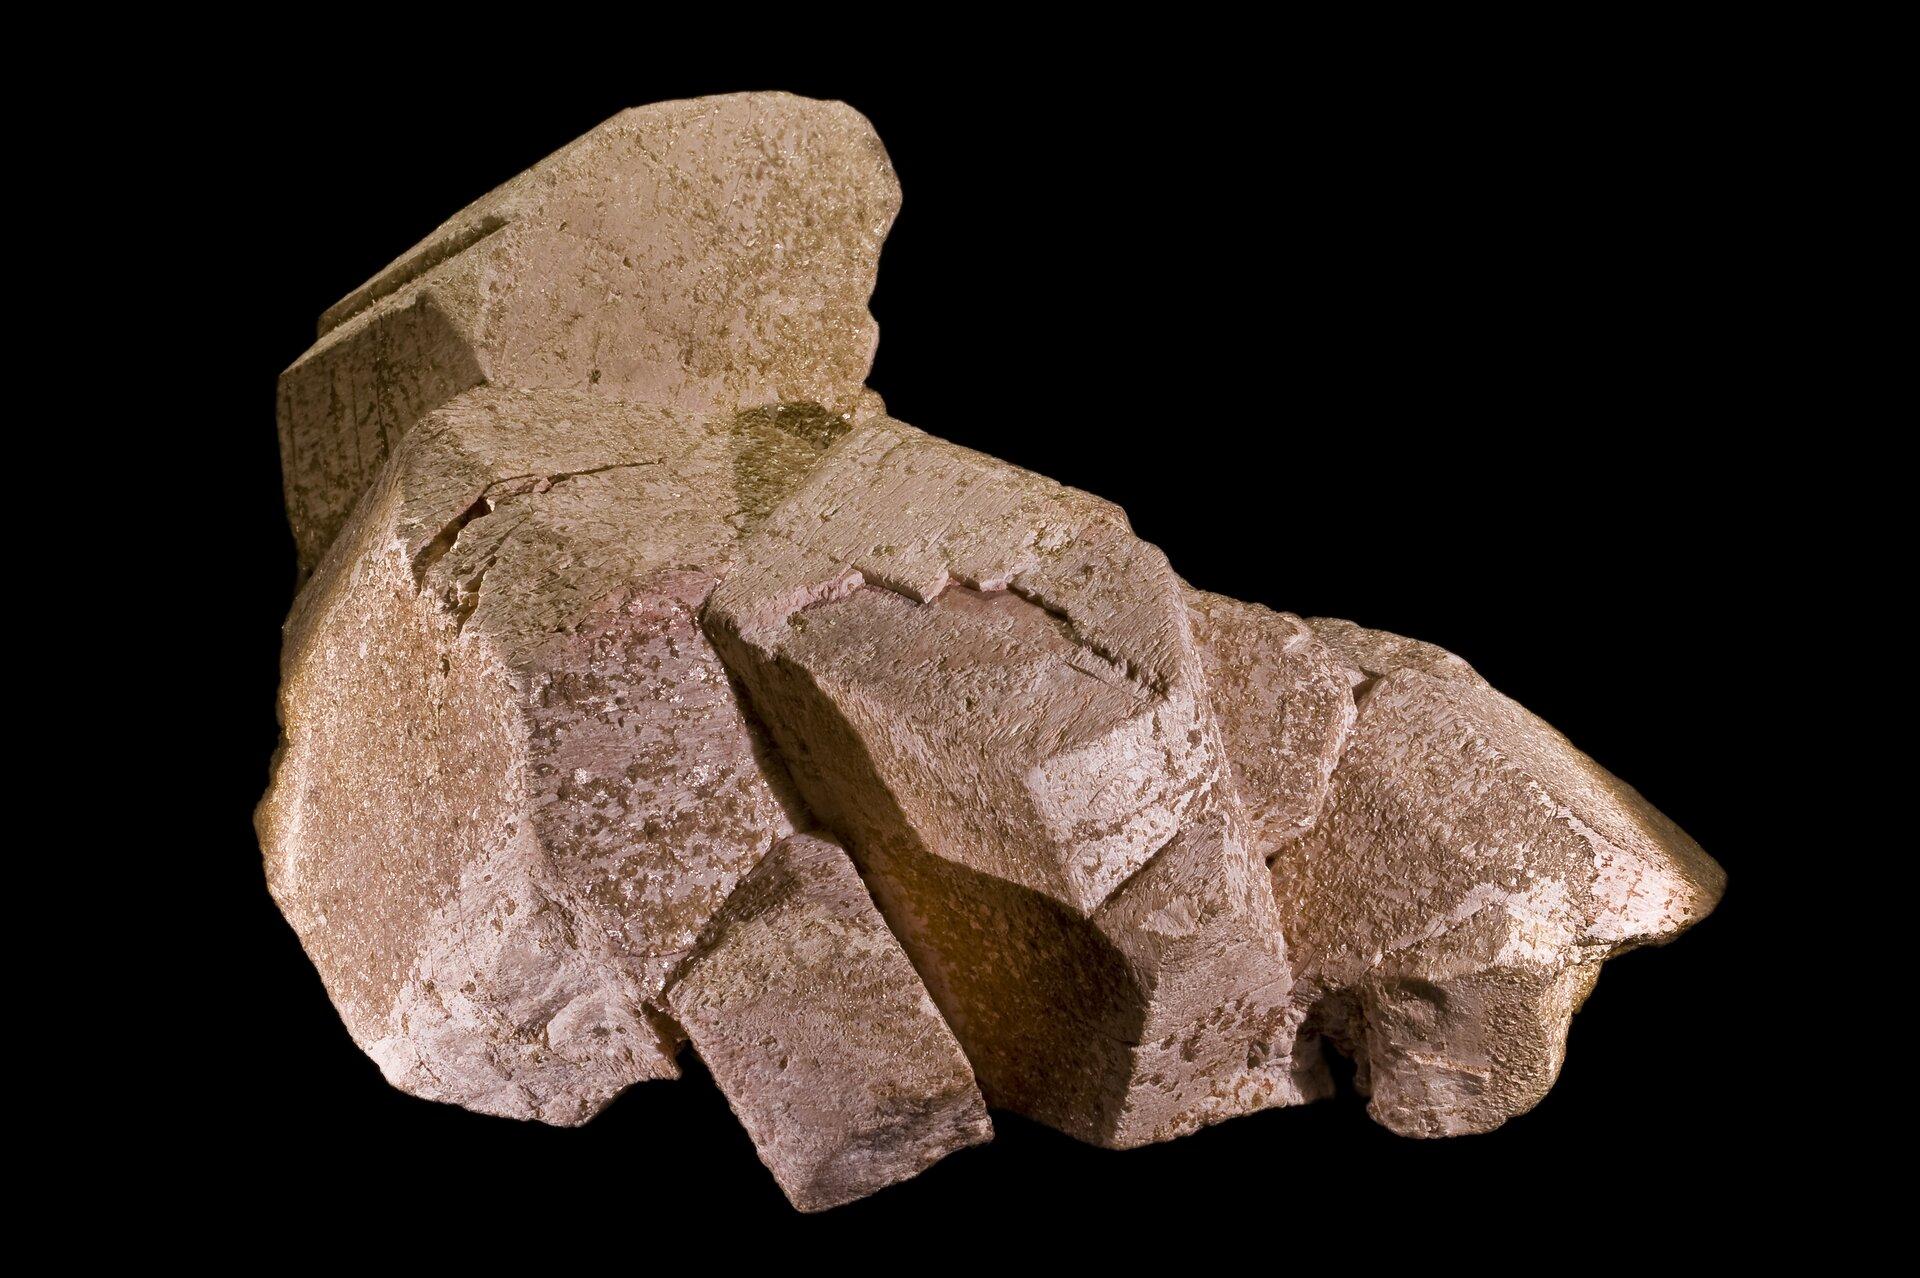 Na zdjęciu minerał. Kolor brązowy.Jest to ortoklaz. Tworzy kryształy wkształcie słupków.